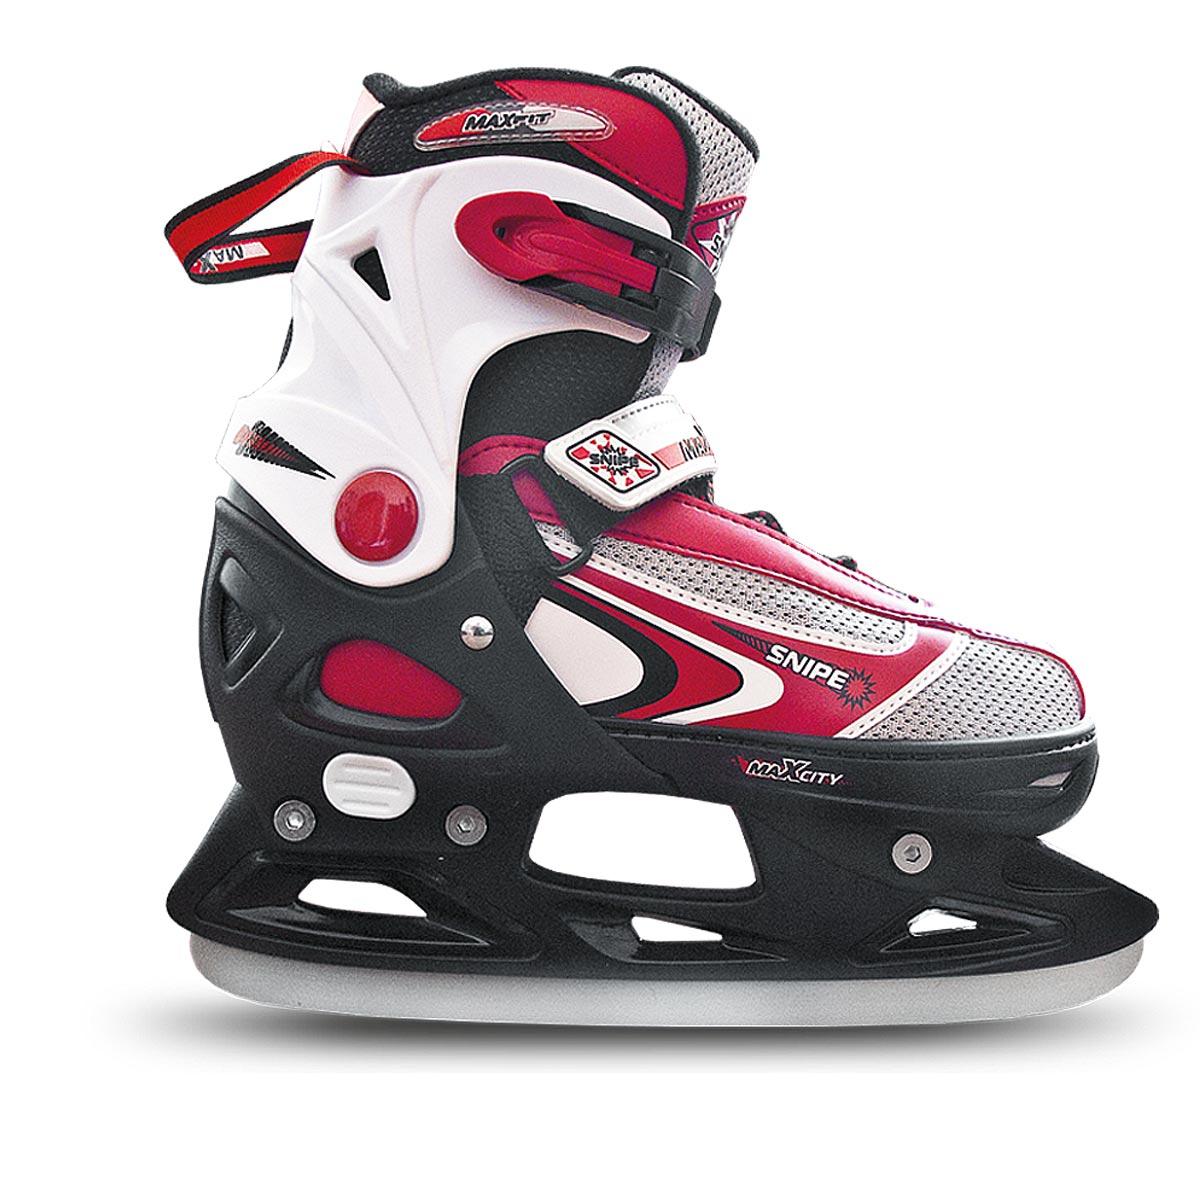 Коньки ледовые для мальчика MaxCity Snipe Boy, раздвижные, цвет: черный, серый, красный. Размер 37/40ASE-611FОригинальные раздвижные ледовые коньки MaxCity с ударопрочной защитной конструкцией отлично подойдут для начинающих. Ботинки изготовлены из морозостойкого пластика, который защитит ноги от ударов, и дополнены нейлоном. Внутренний материал из вельвета и капровелюра отлично согревает и обеспечивает комфорт во время движения. Нейлоновые вставки на язычке предотвращают перегревание и отводят влагу. Высокий ботинок обеспечивает отличную поддержку ноги. Модель застегивается несколькими способами для надежной фиксации ноги - классическая шнуровка, липучка Velcro и пластиковые затягивающиеся ремешки. Стальное лезвие обеспечит превосходное скольжение. Основная особенность коньков - возможность изменения размера. Изменение длины ботинка осуществляется достаточно просто и занимает несколько секунд.